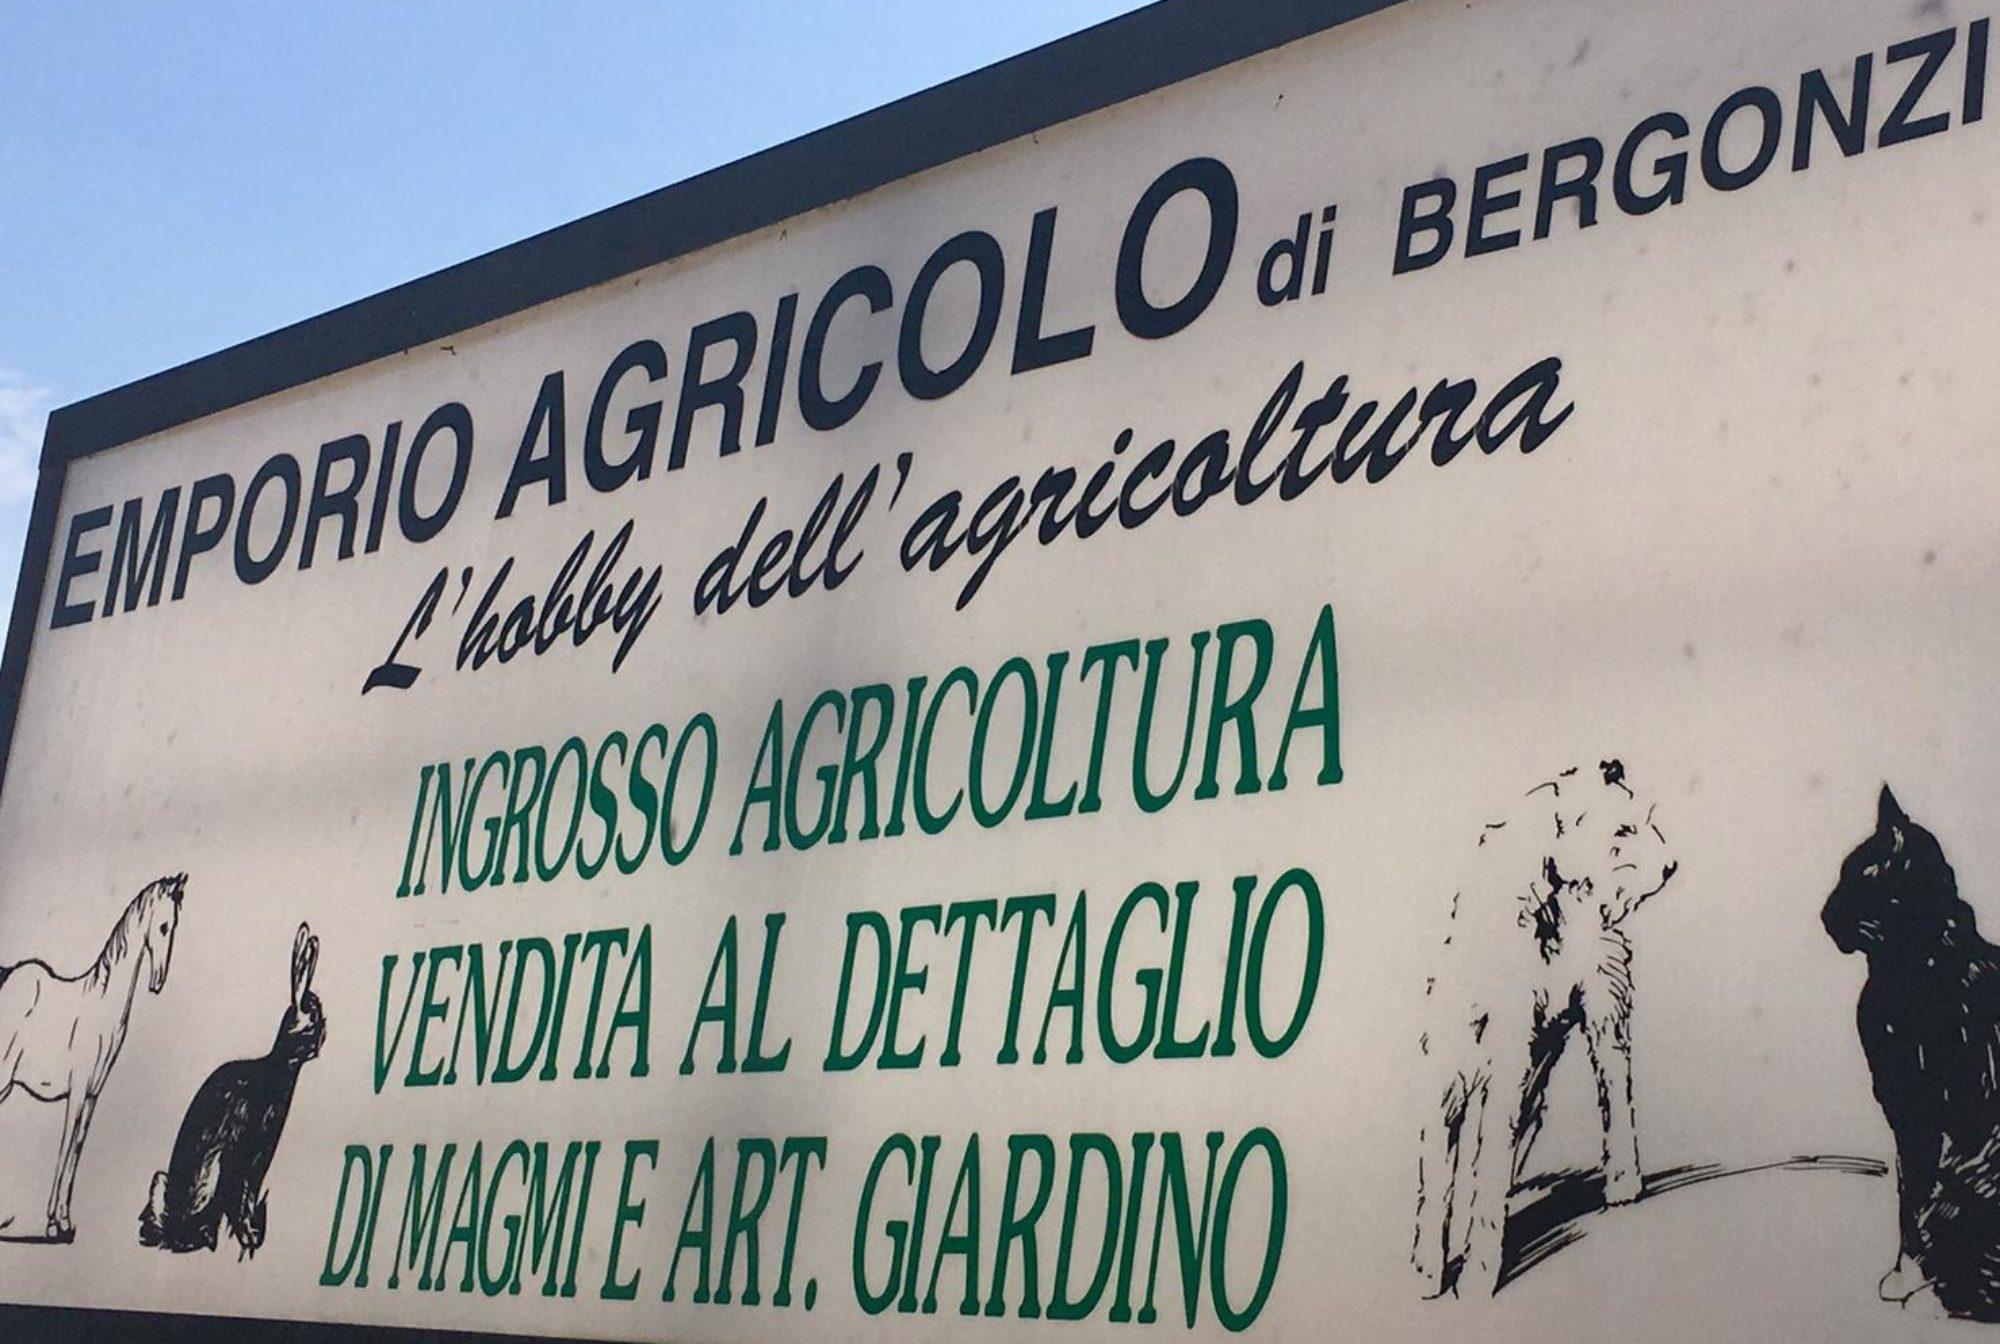 EMPORIO AGRICOLO BERGONZI